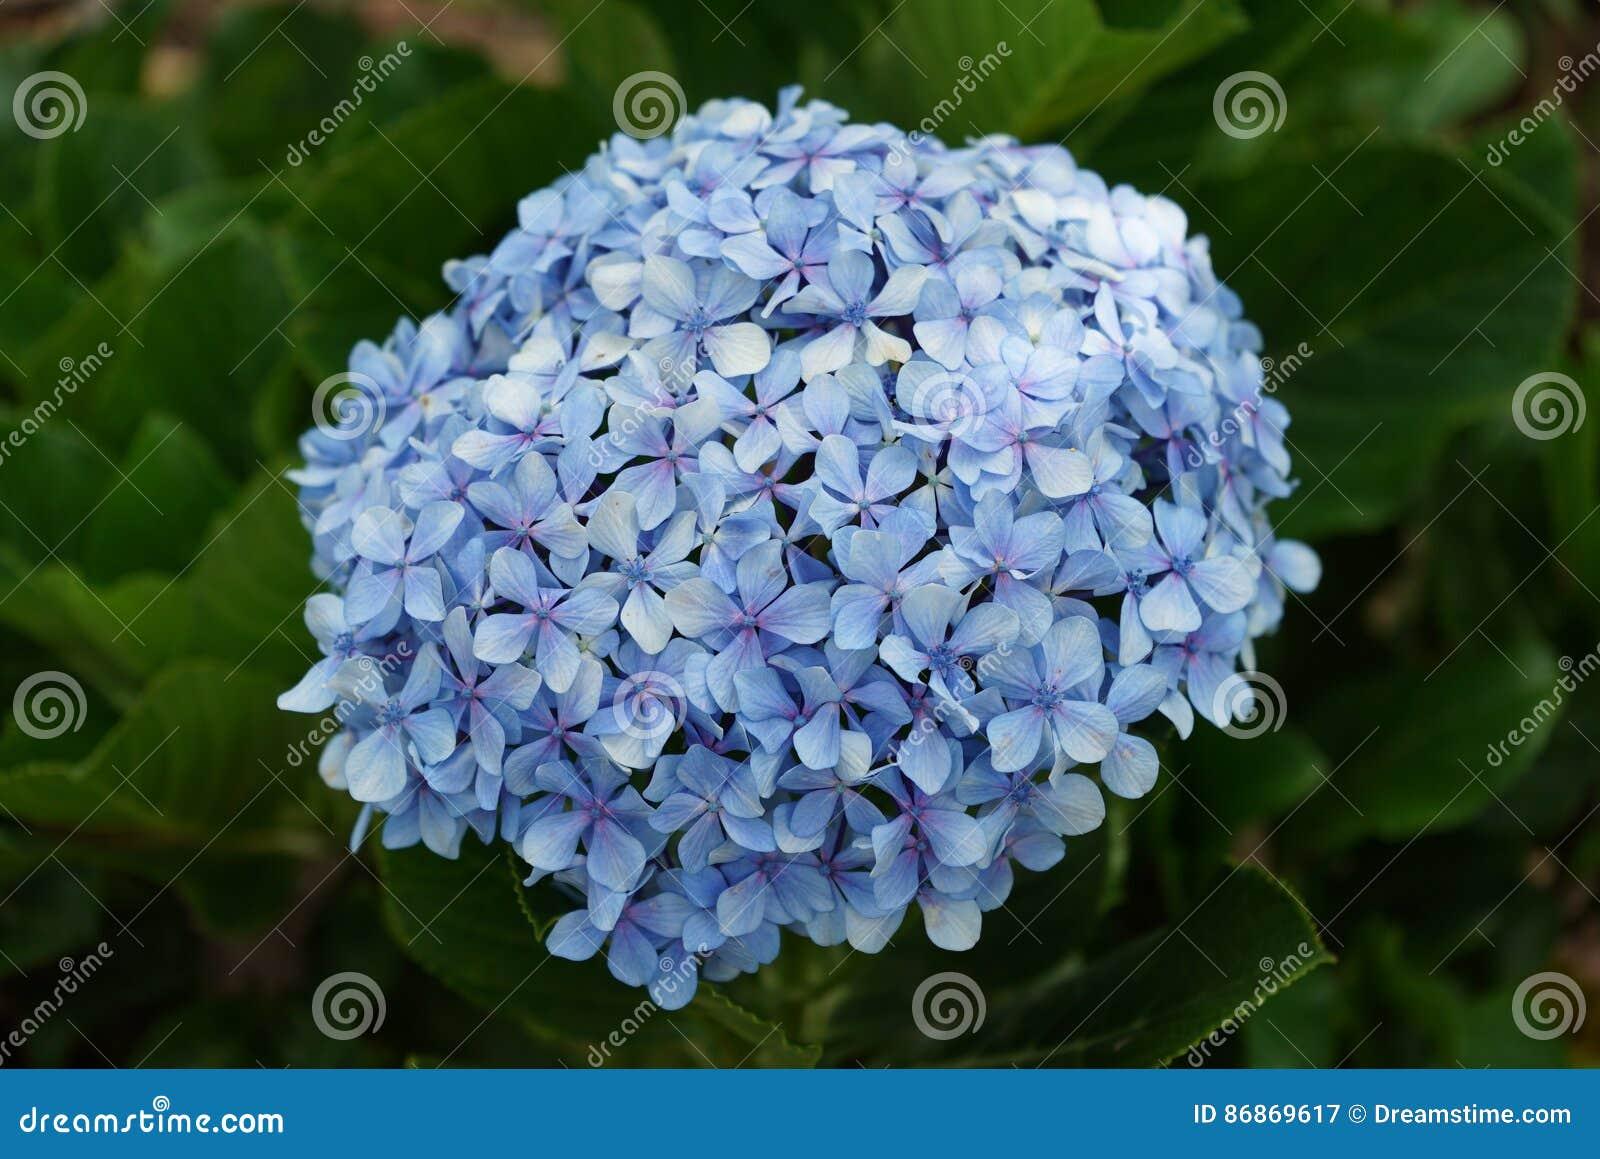 Blaue Blumenhortensie Abschluss oben